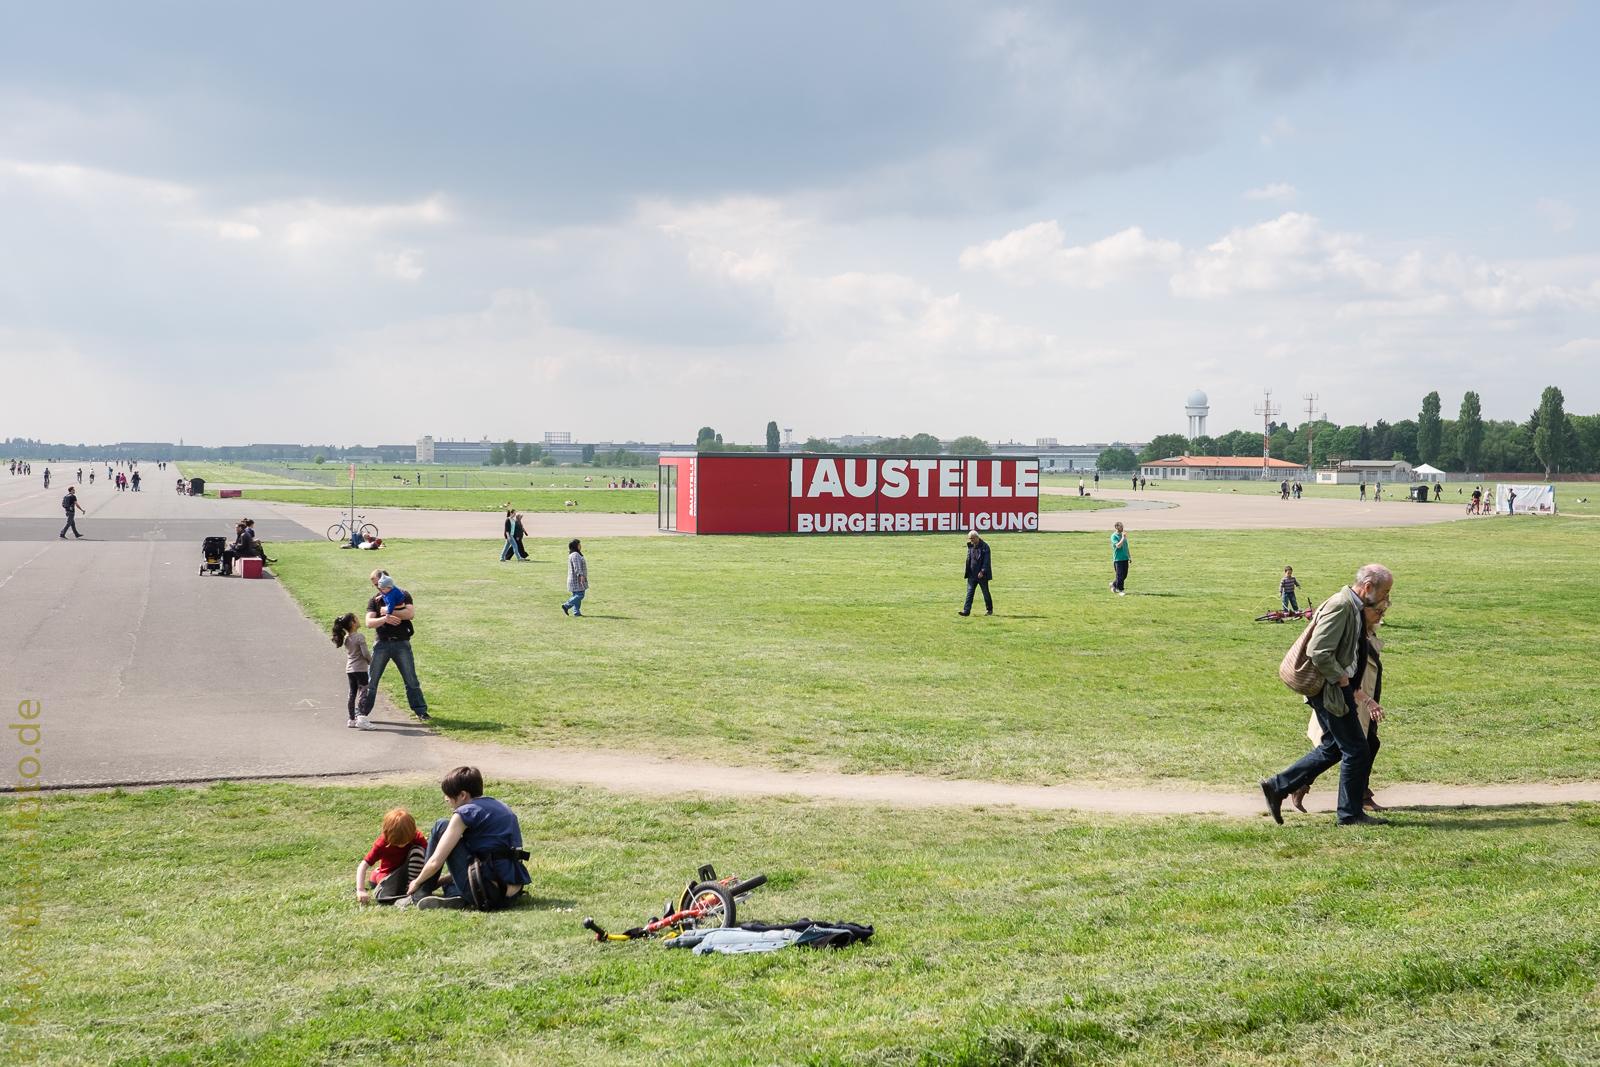 Tempelhofes Feld (Berlin)